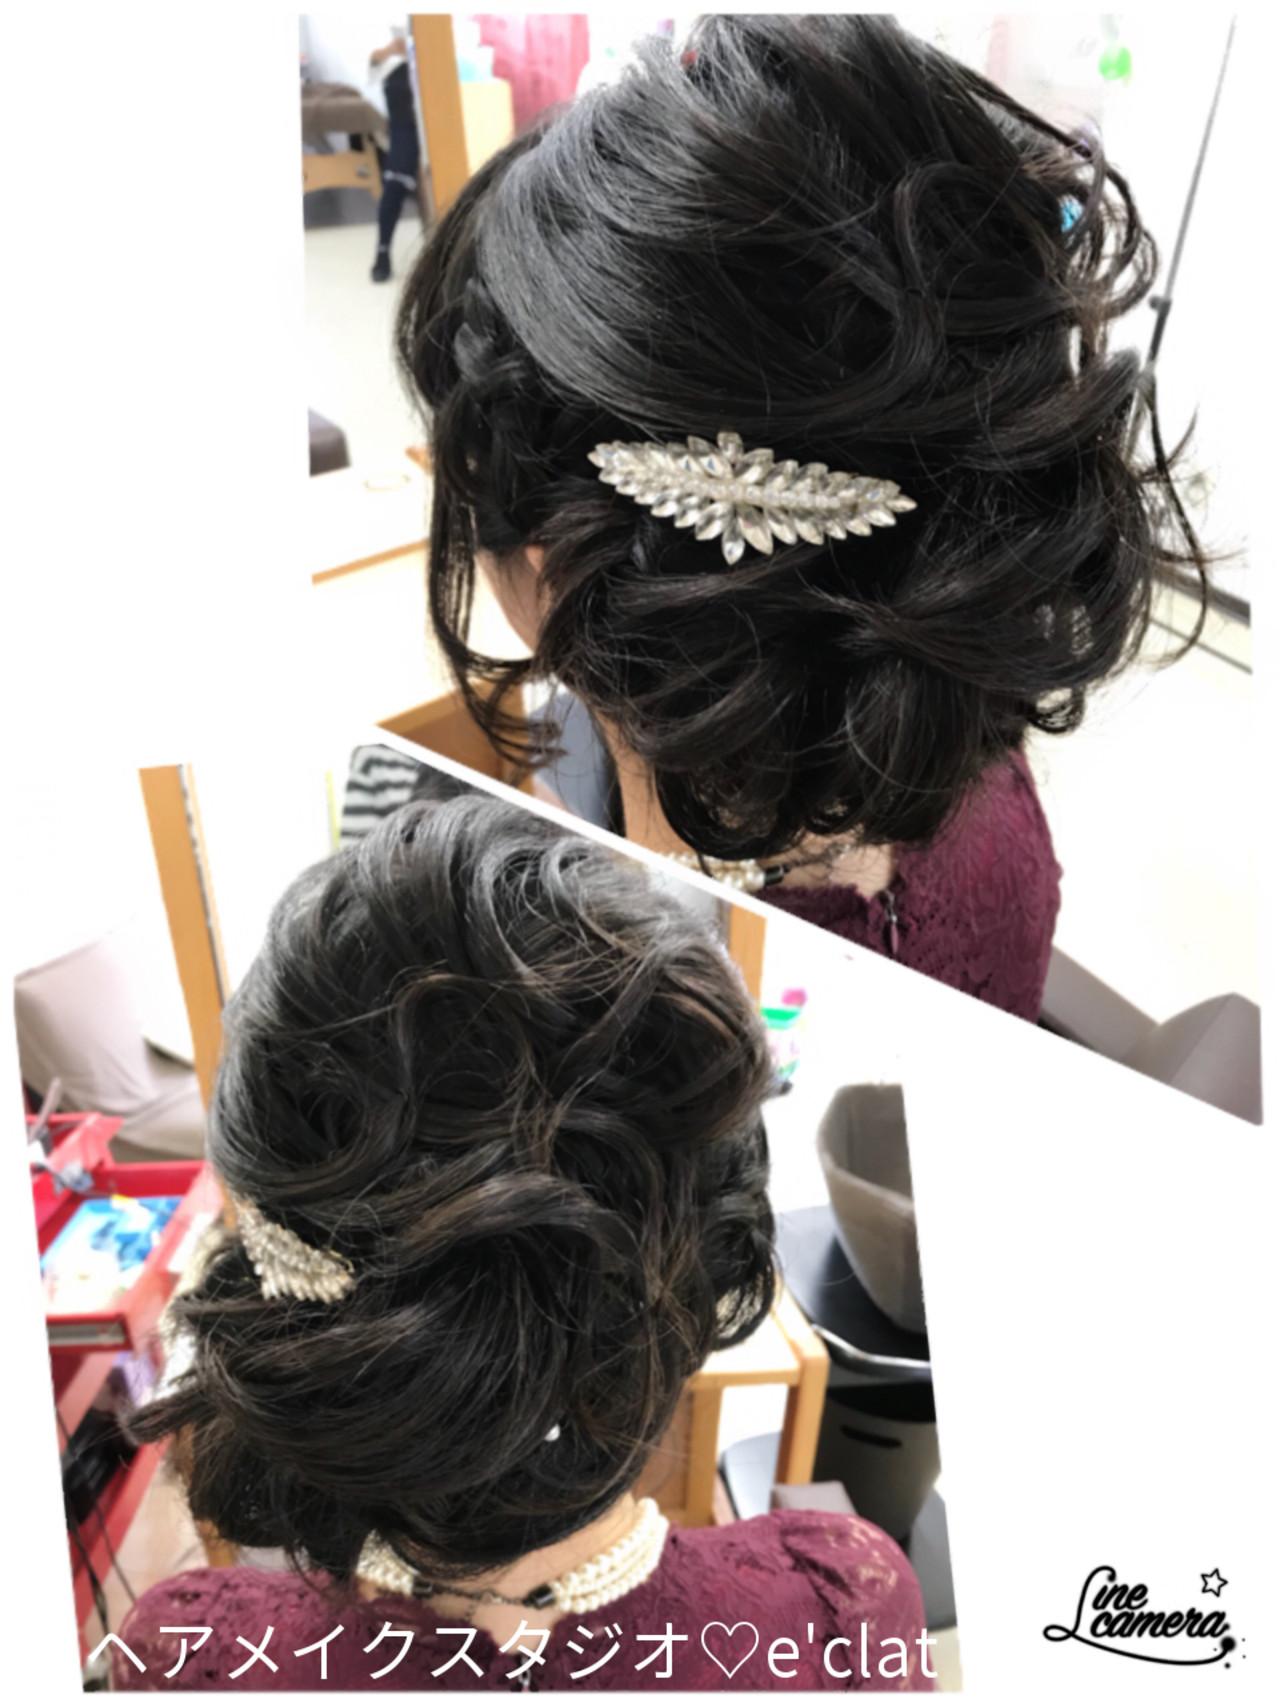 ヘアアレンジ 大人女子 ロング アップスタイル ヘアスタイルや髪型の写真・画像